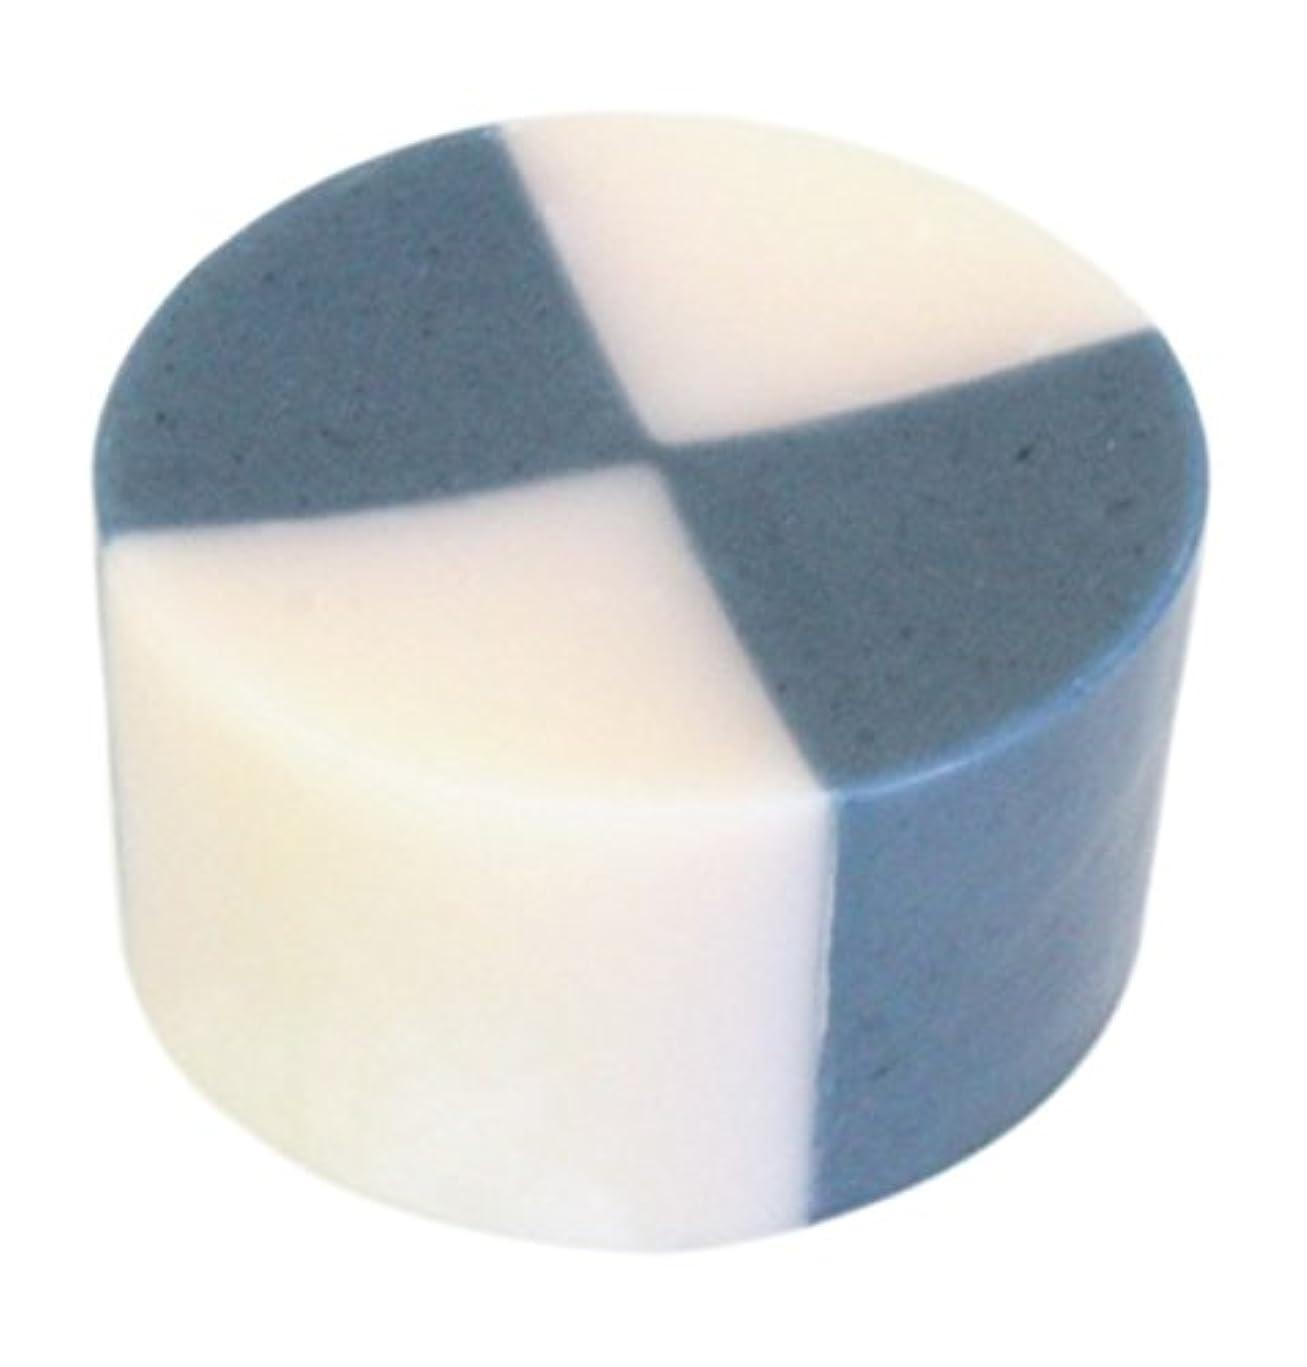 広々フラップ無謀藍色工房 藍染め石けん「いちまつ」(60g)